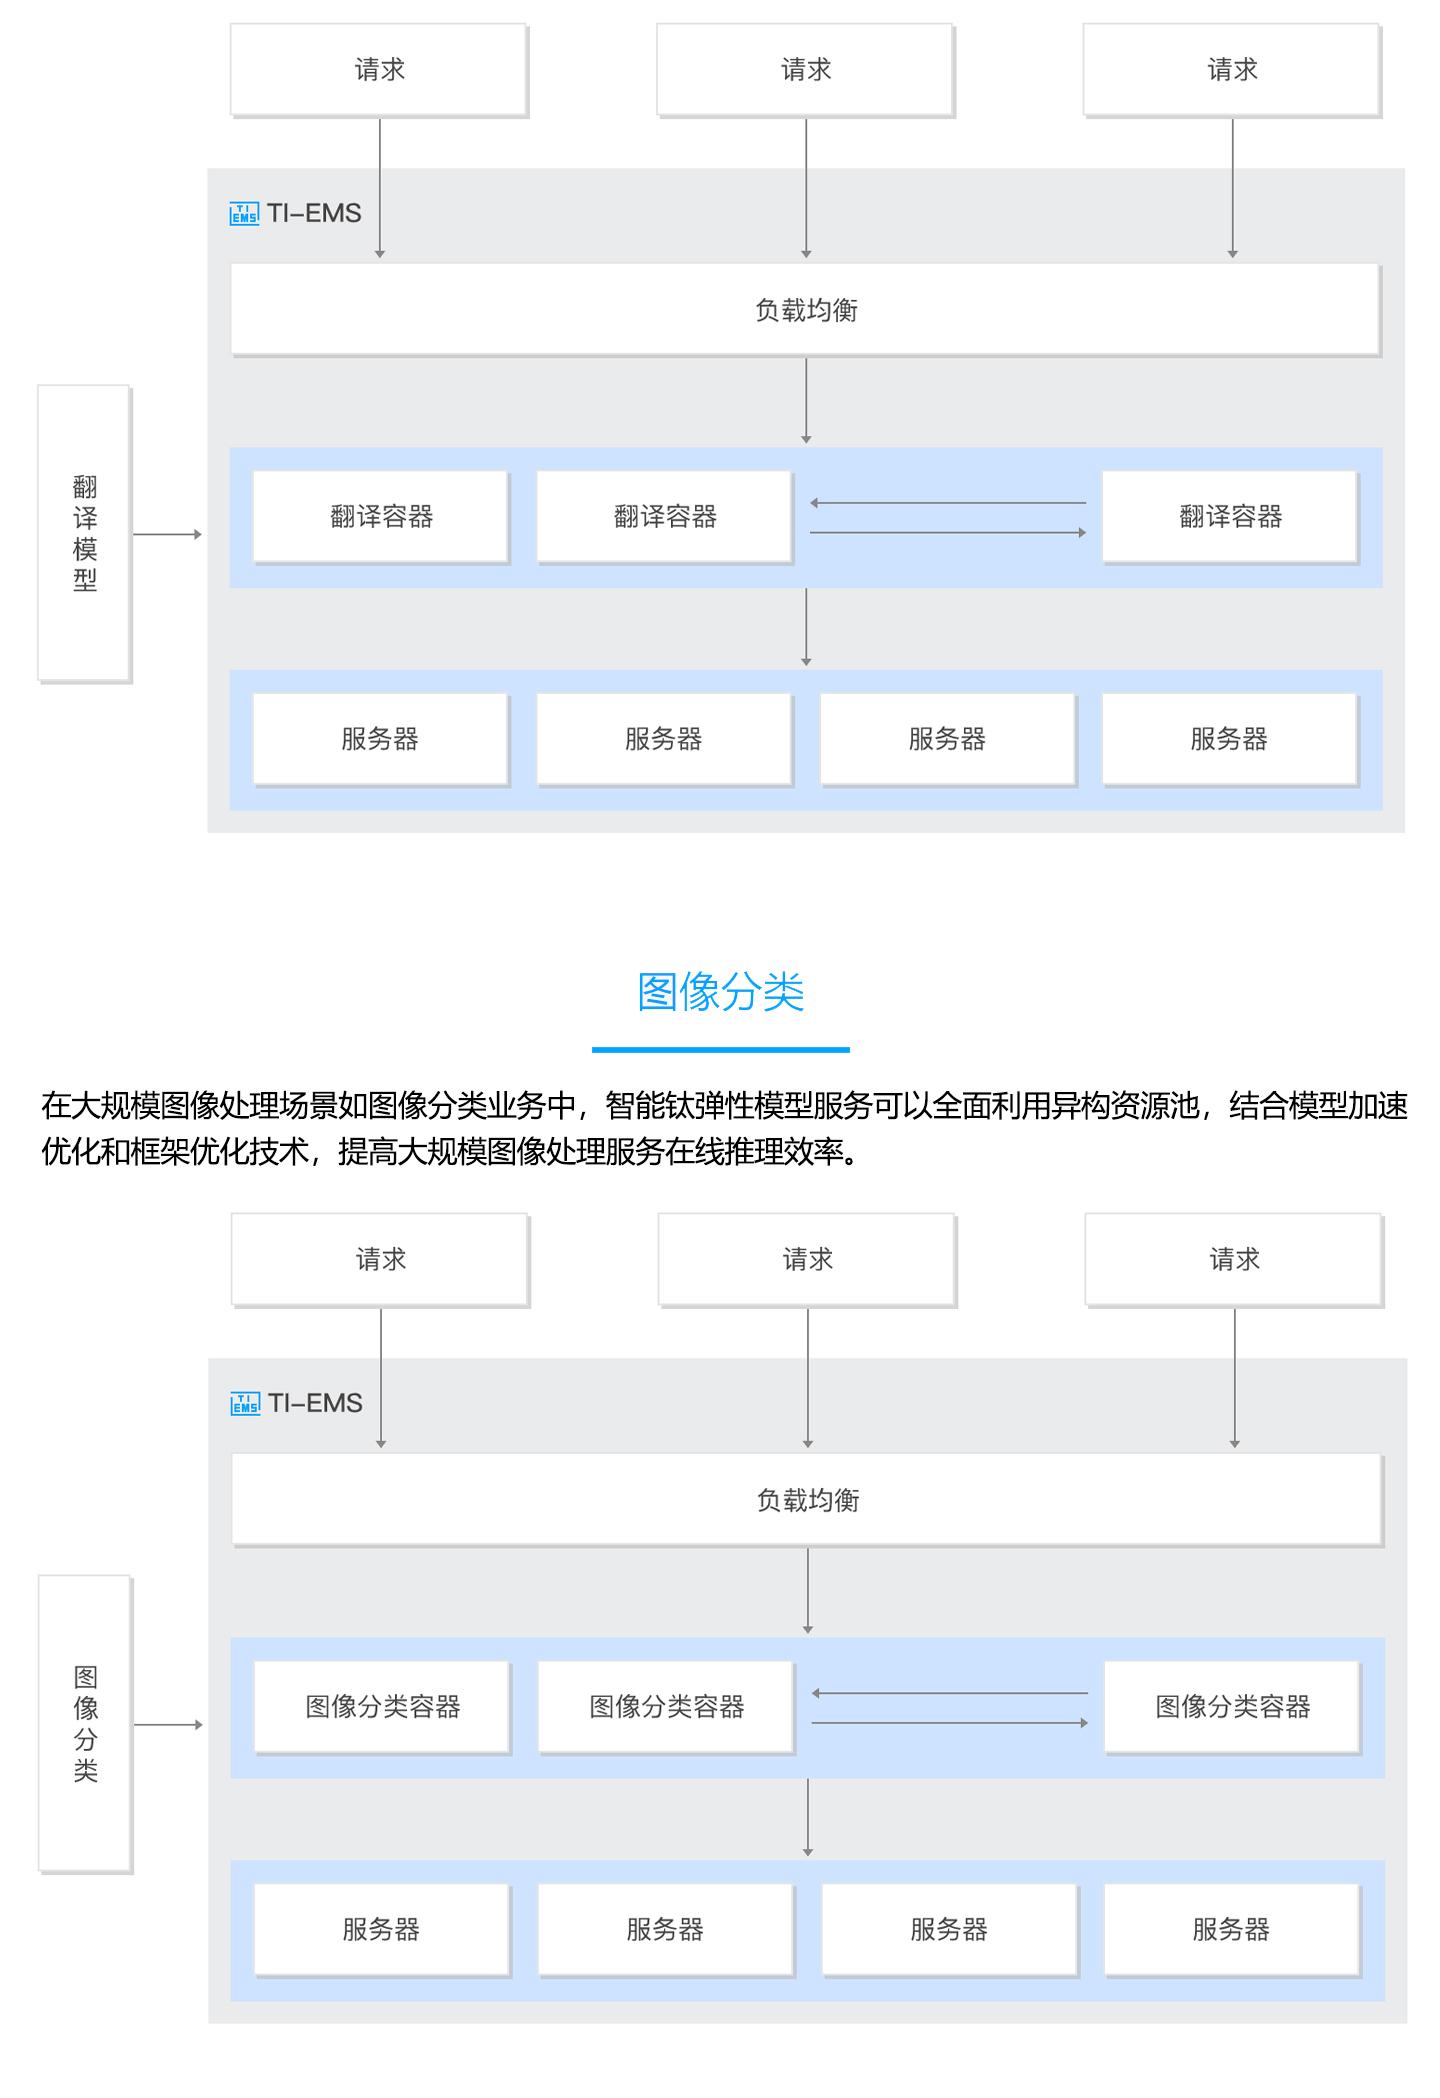 智能钛弹性模型服务-TI-EMS-1440_03.jpg